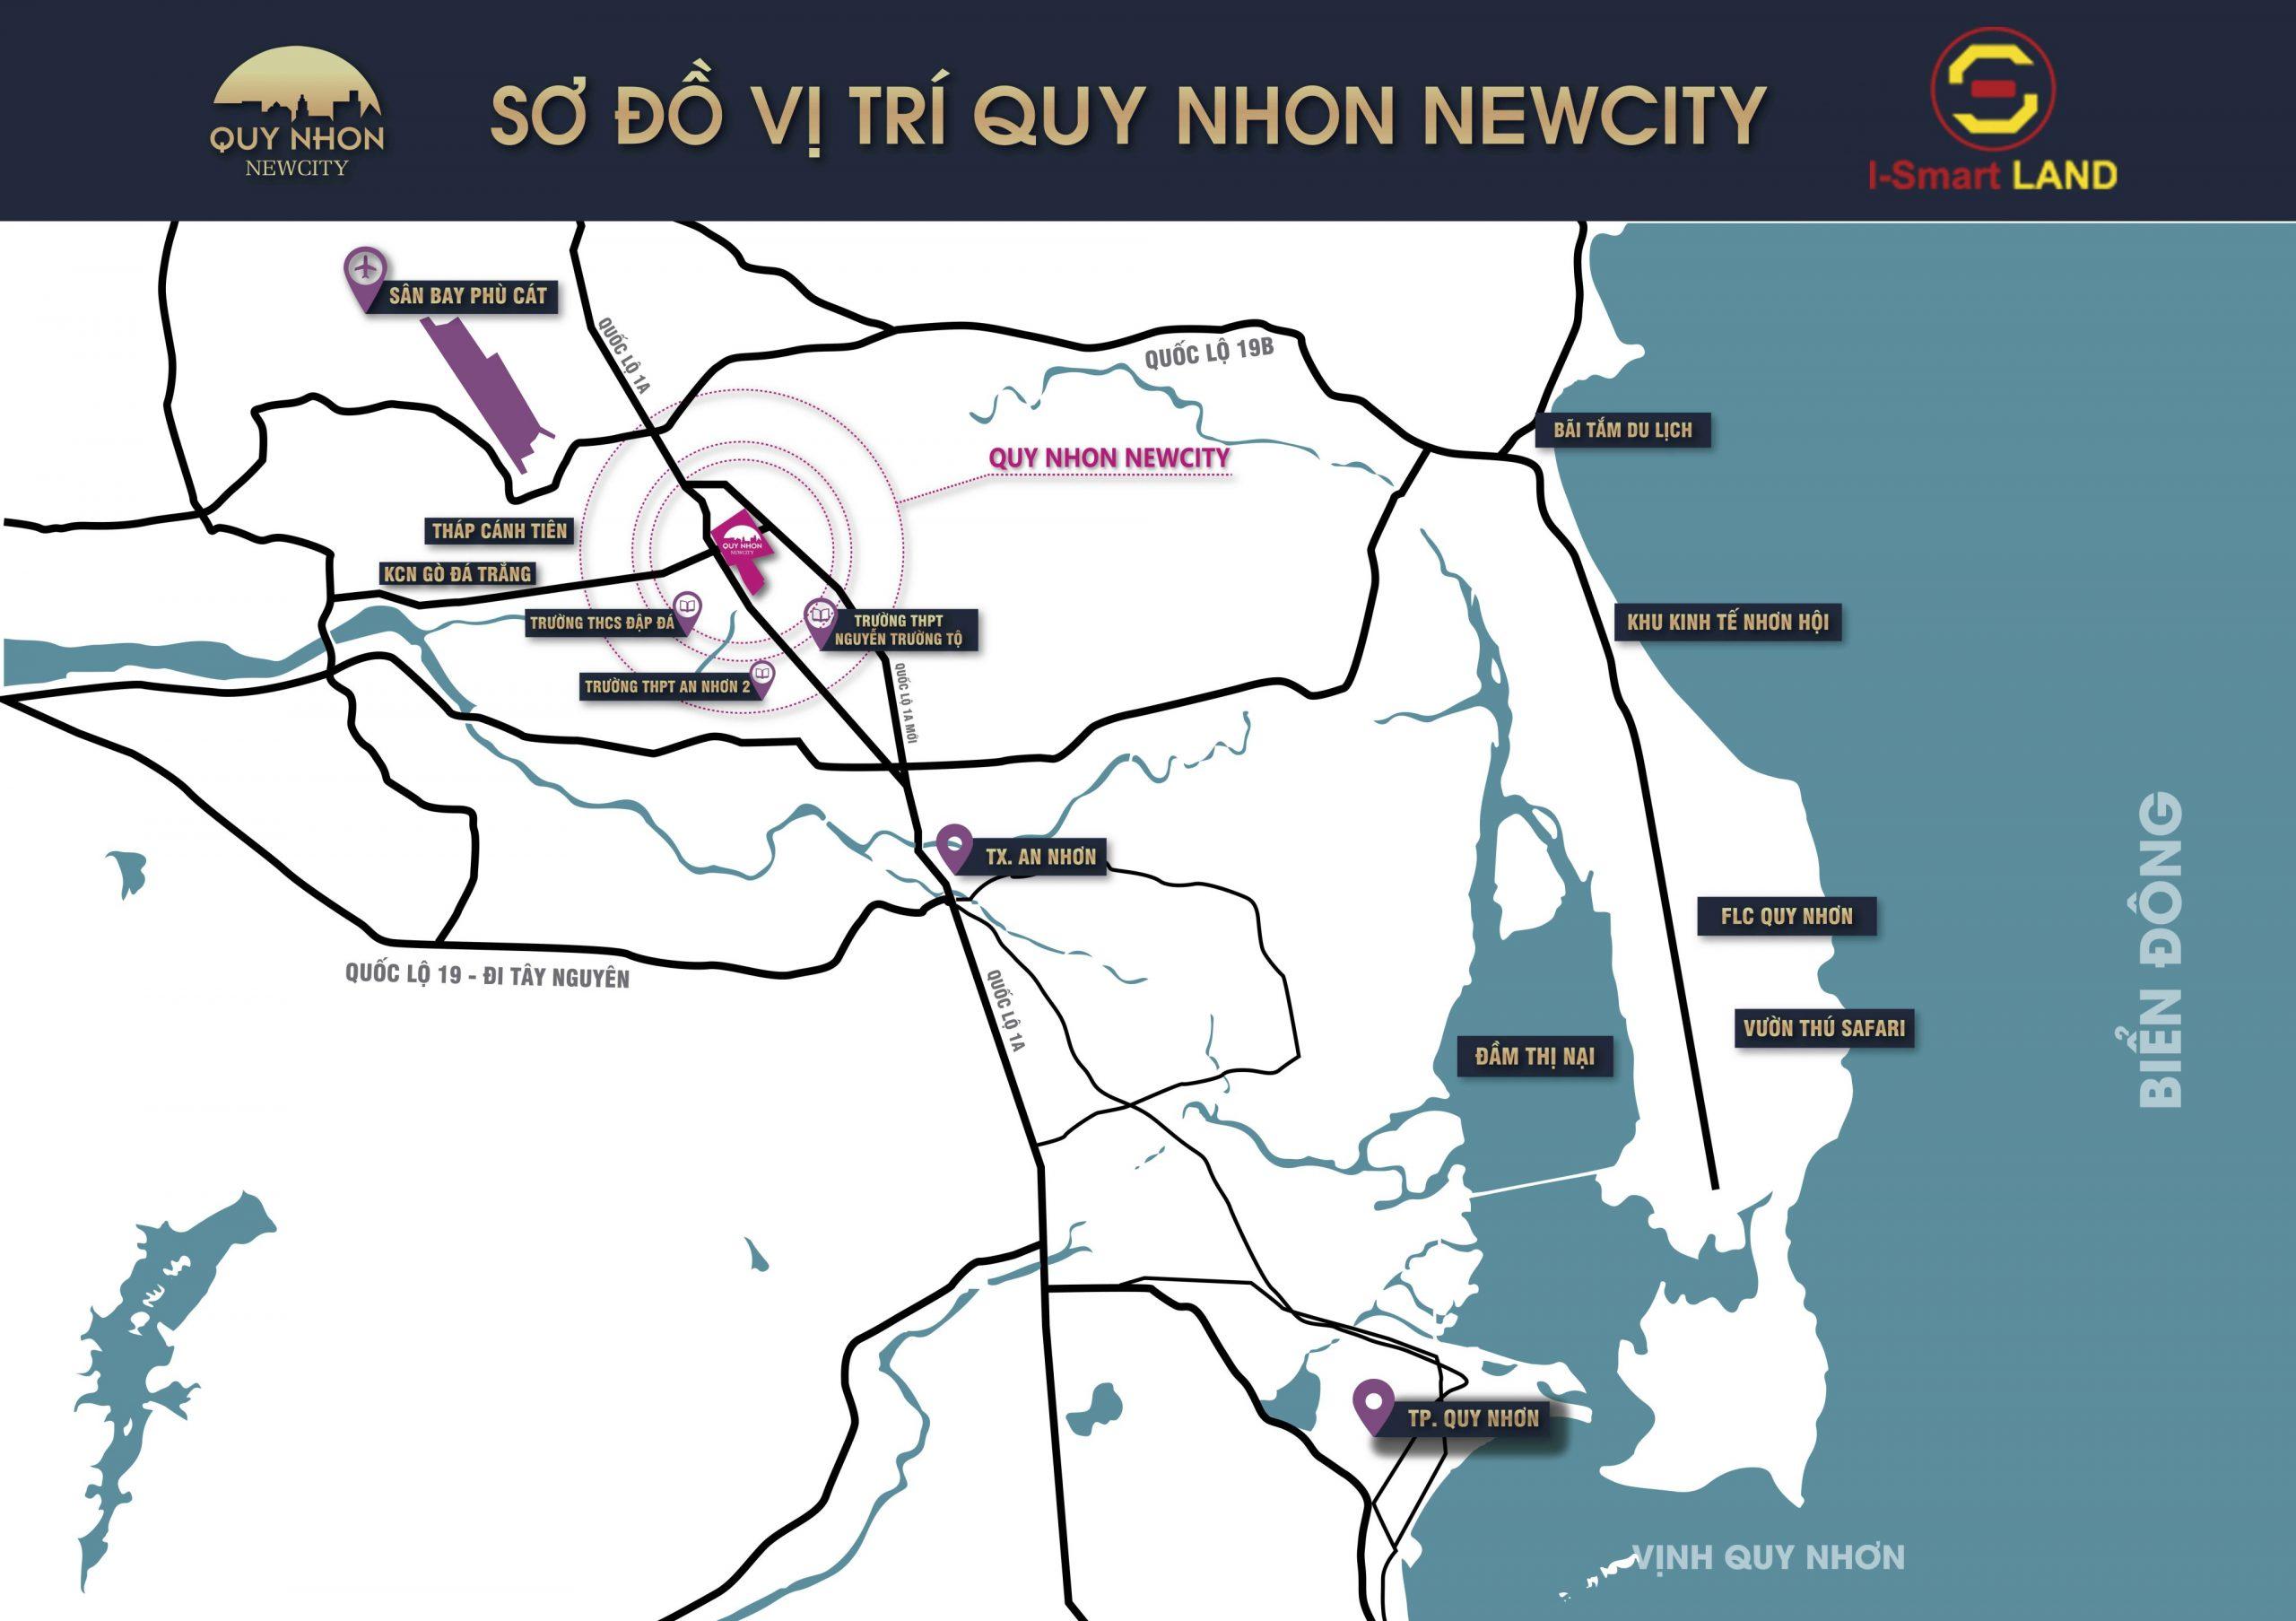 Không gian sống đẳng cấp tại Quy Nhơn New City Bình Định